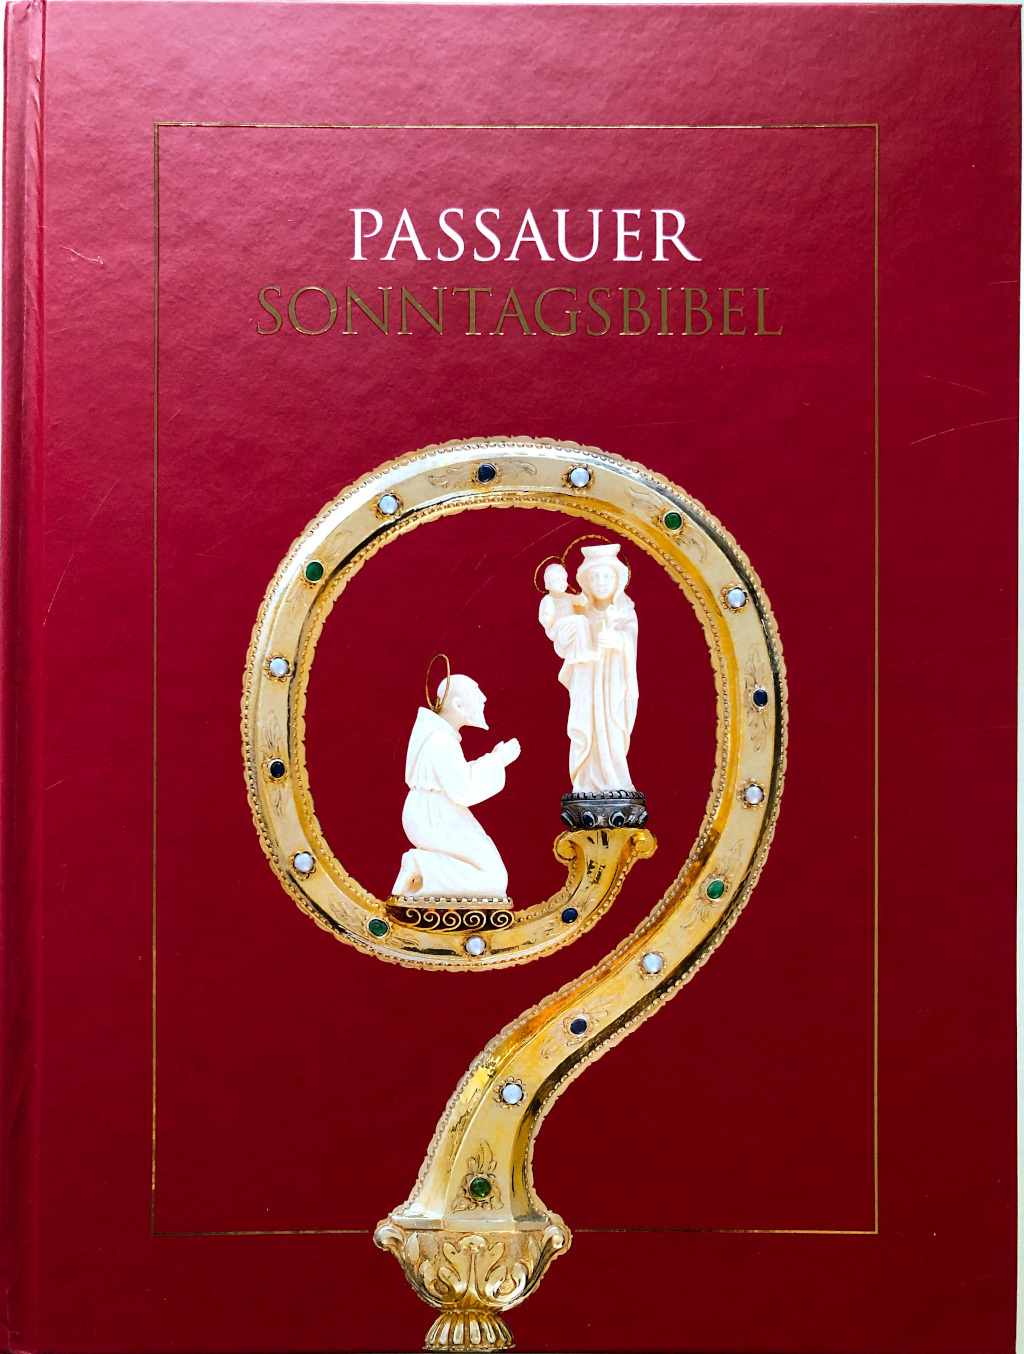 Passauer Sonntagsbibel